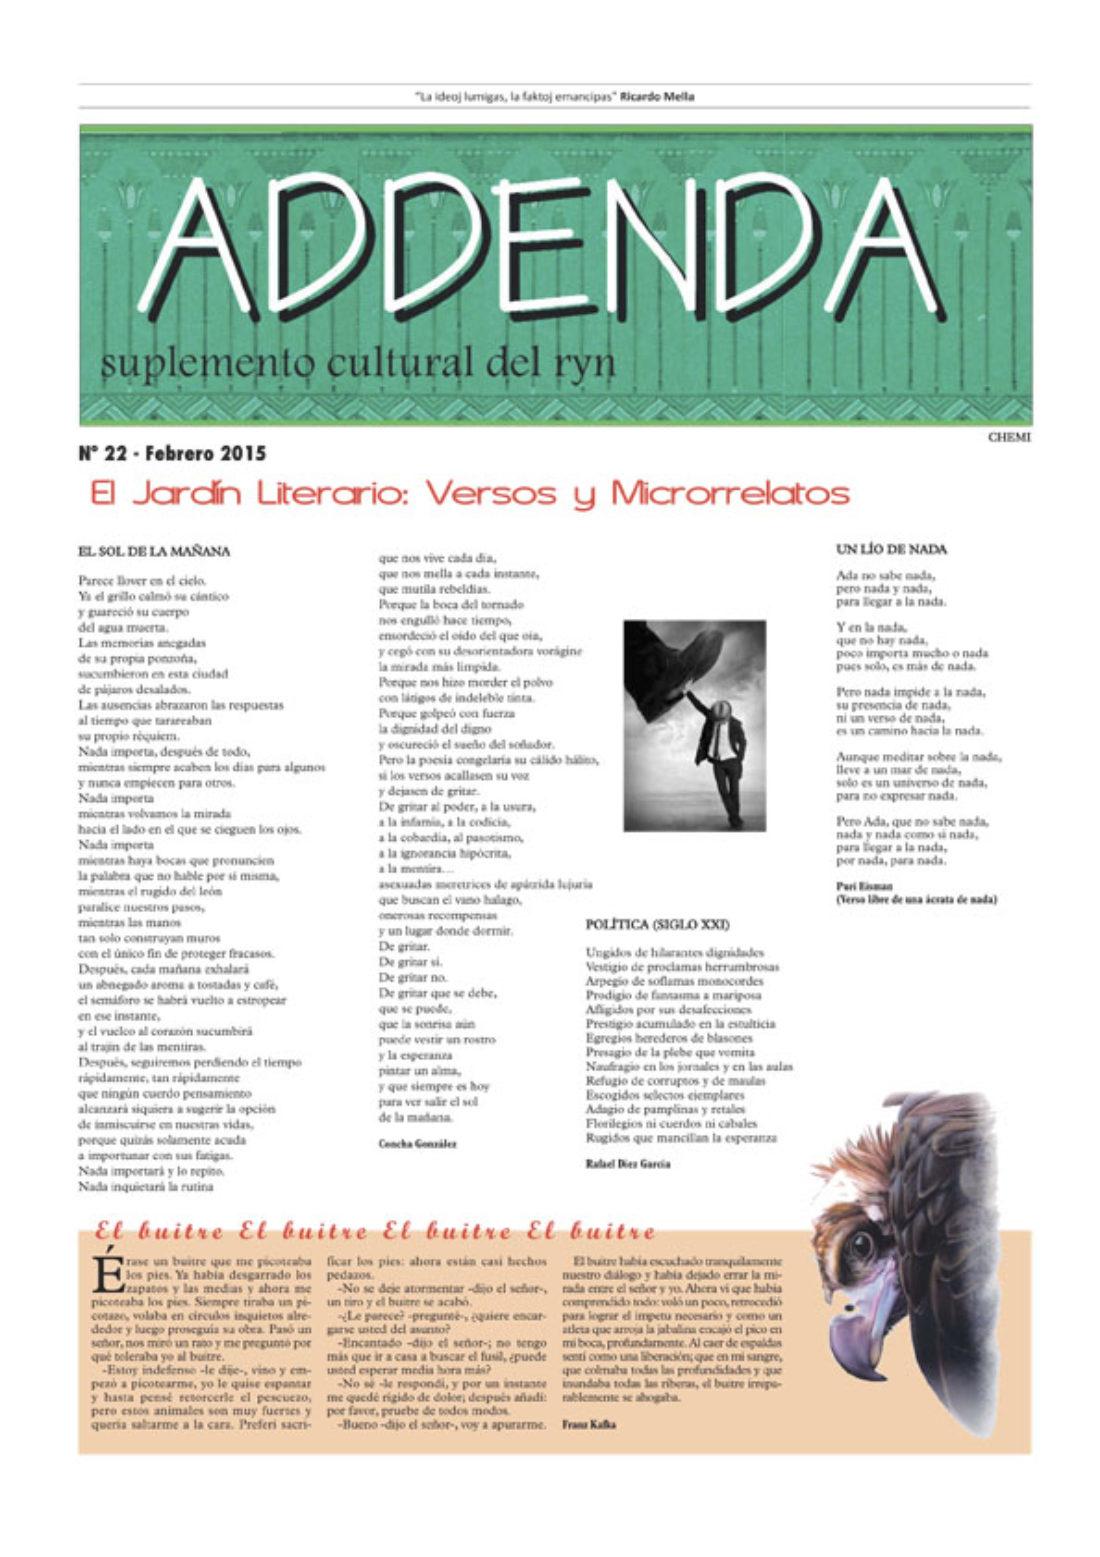 Addenda, suplemento cultural del RyN – Nº 22, febrero 2015